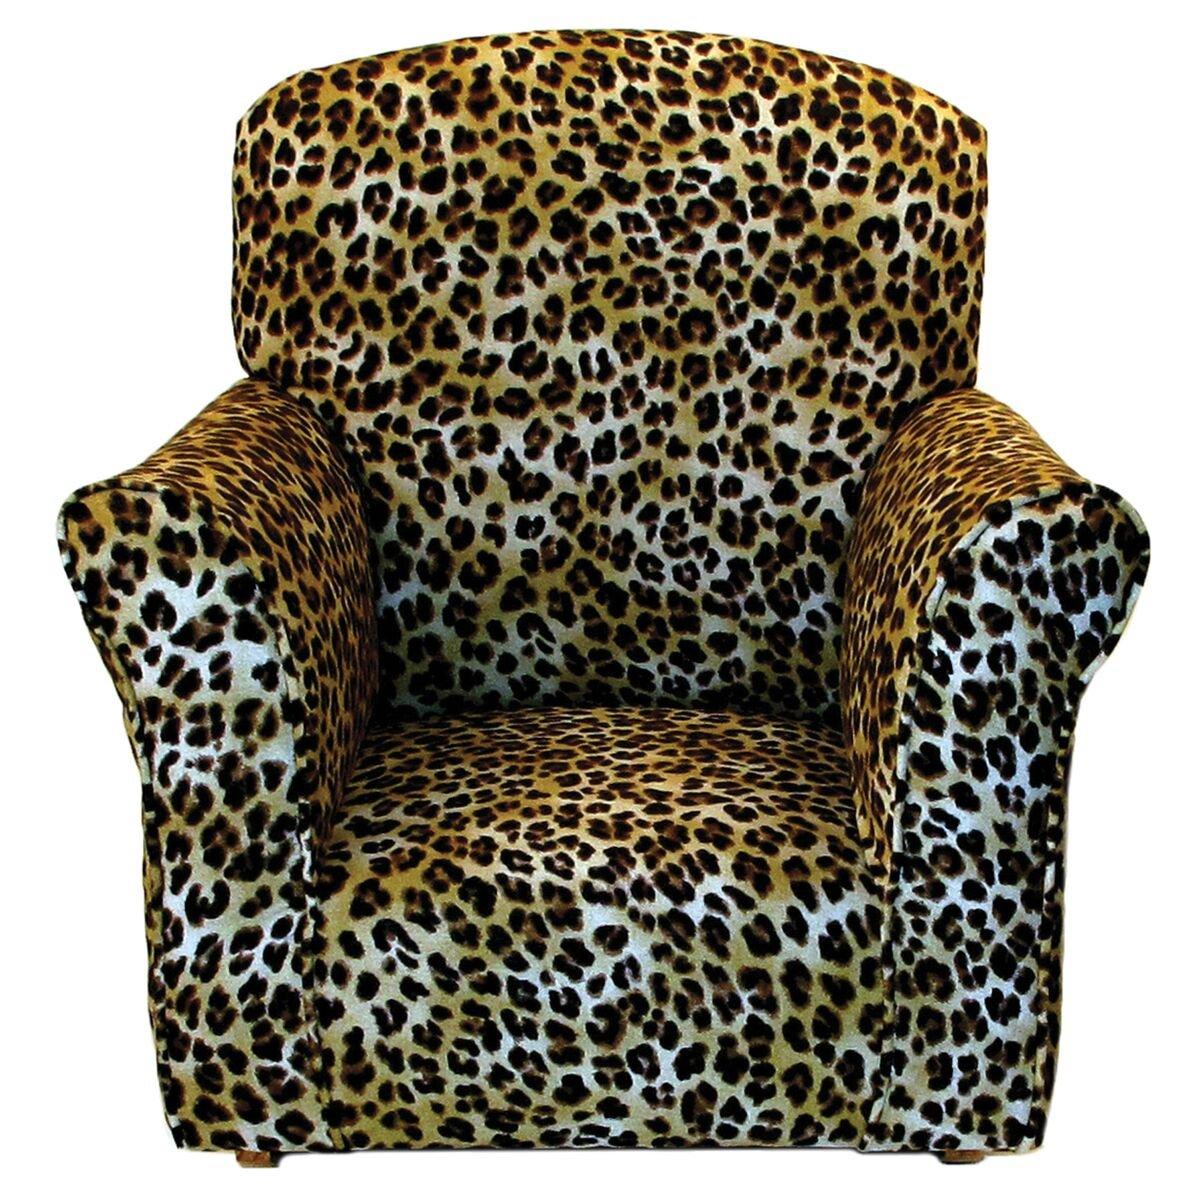 Brighton Home Furniture Toddler Rocker in Cheetah Printed Cotton